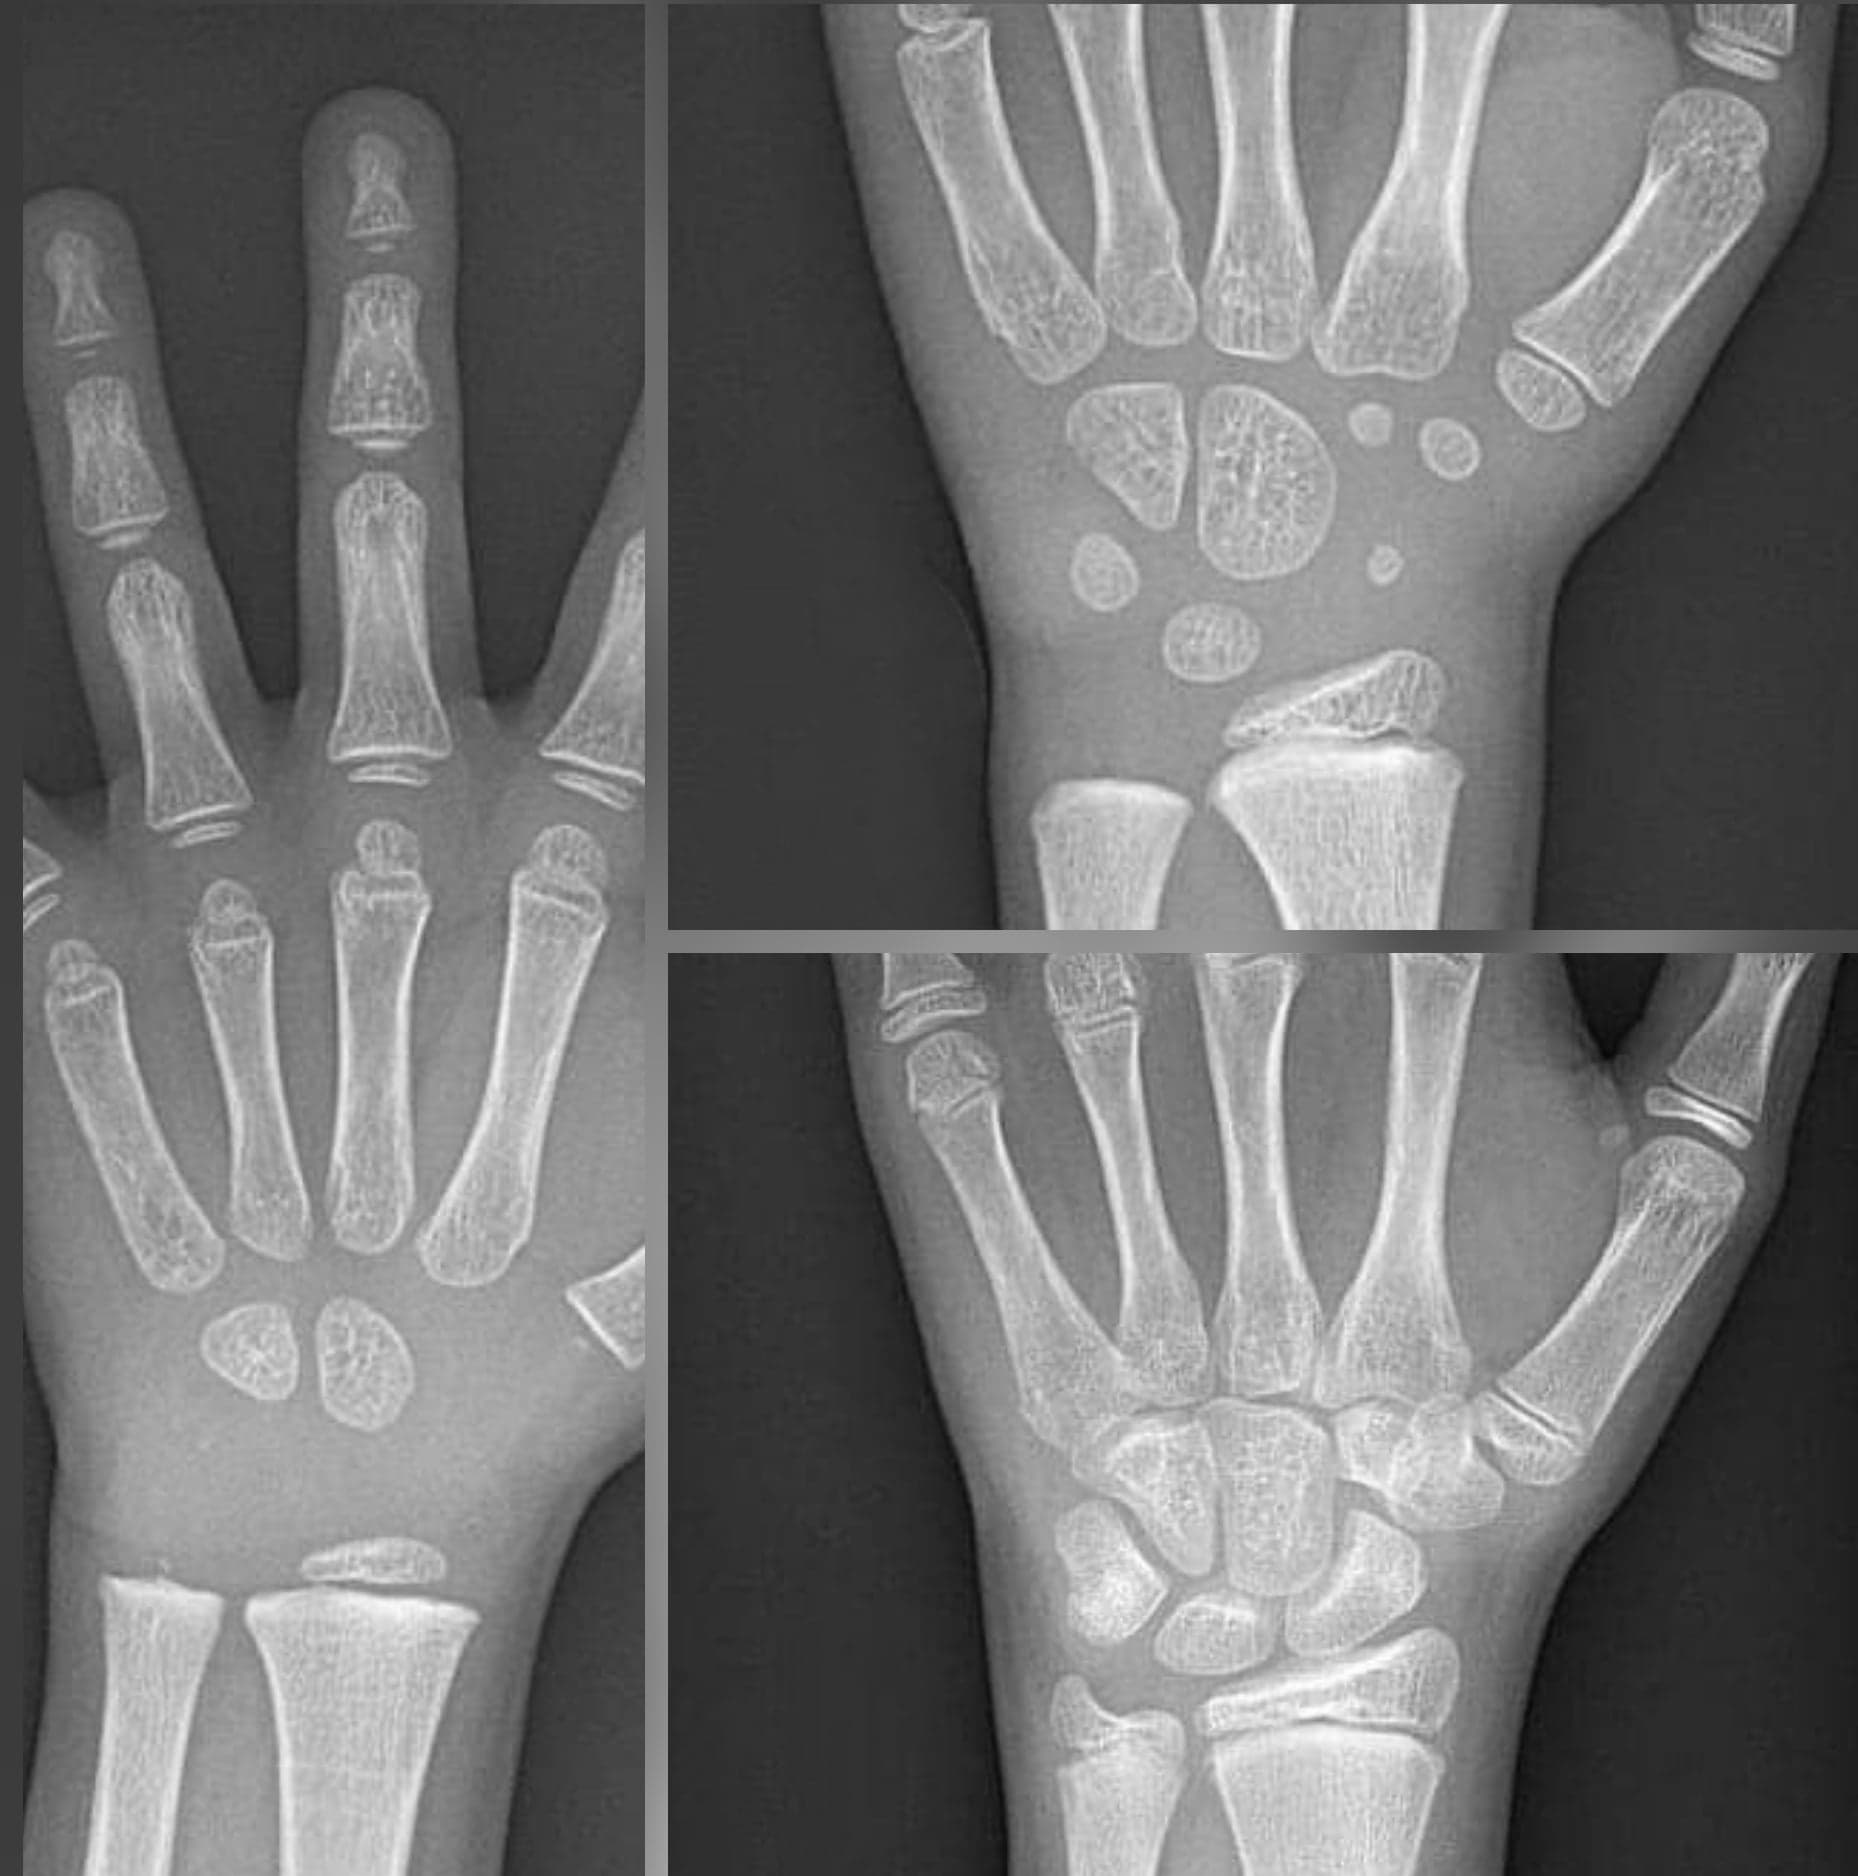 RTG ręki / nadgarstka z oceną wieku kostnego